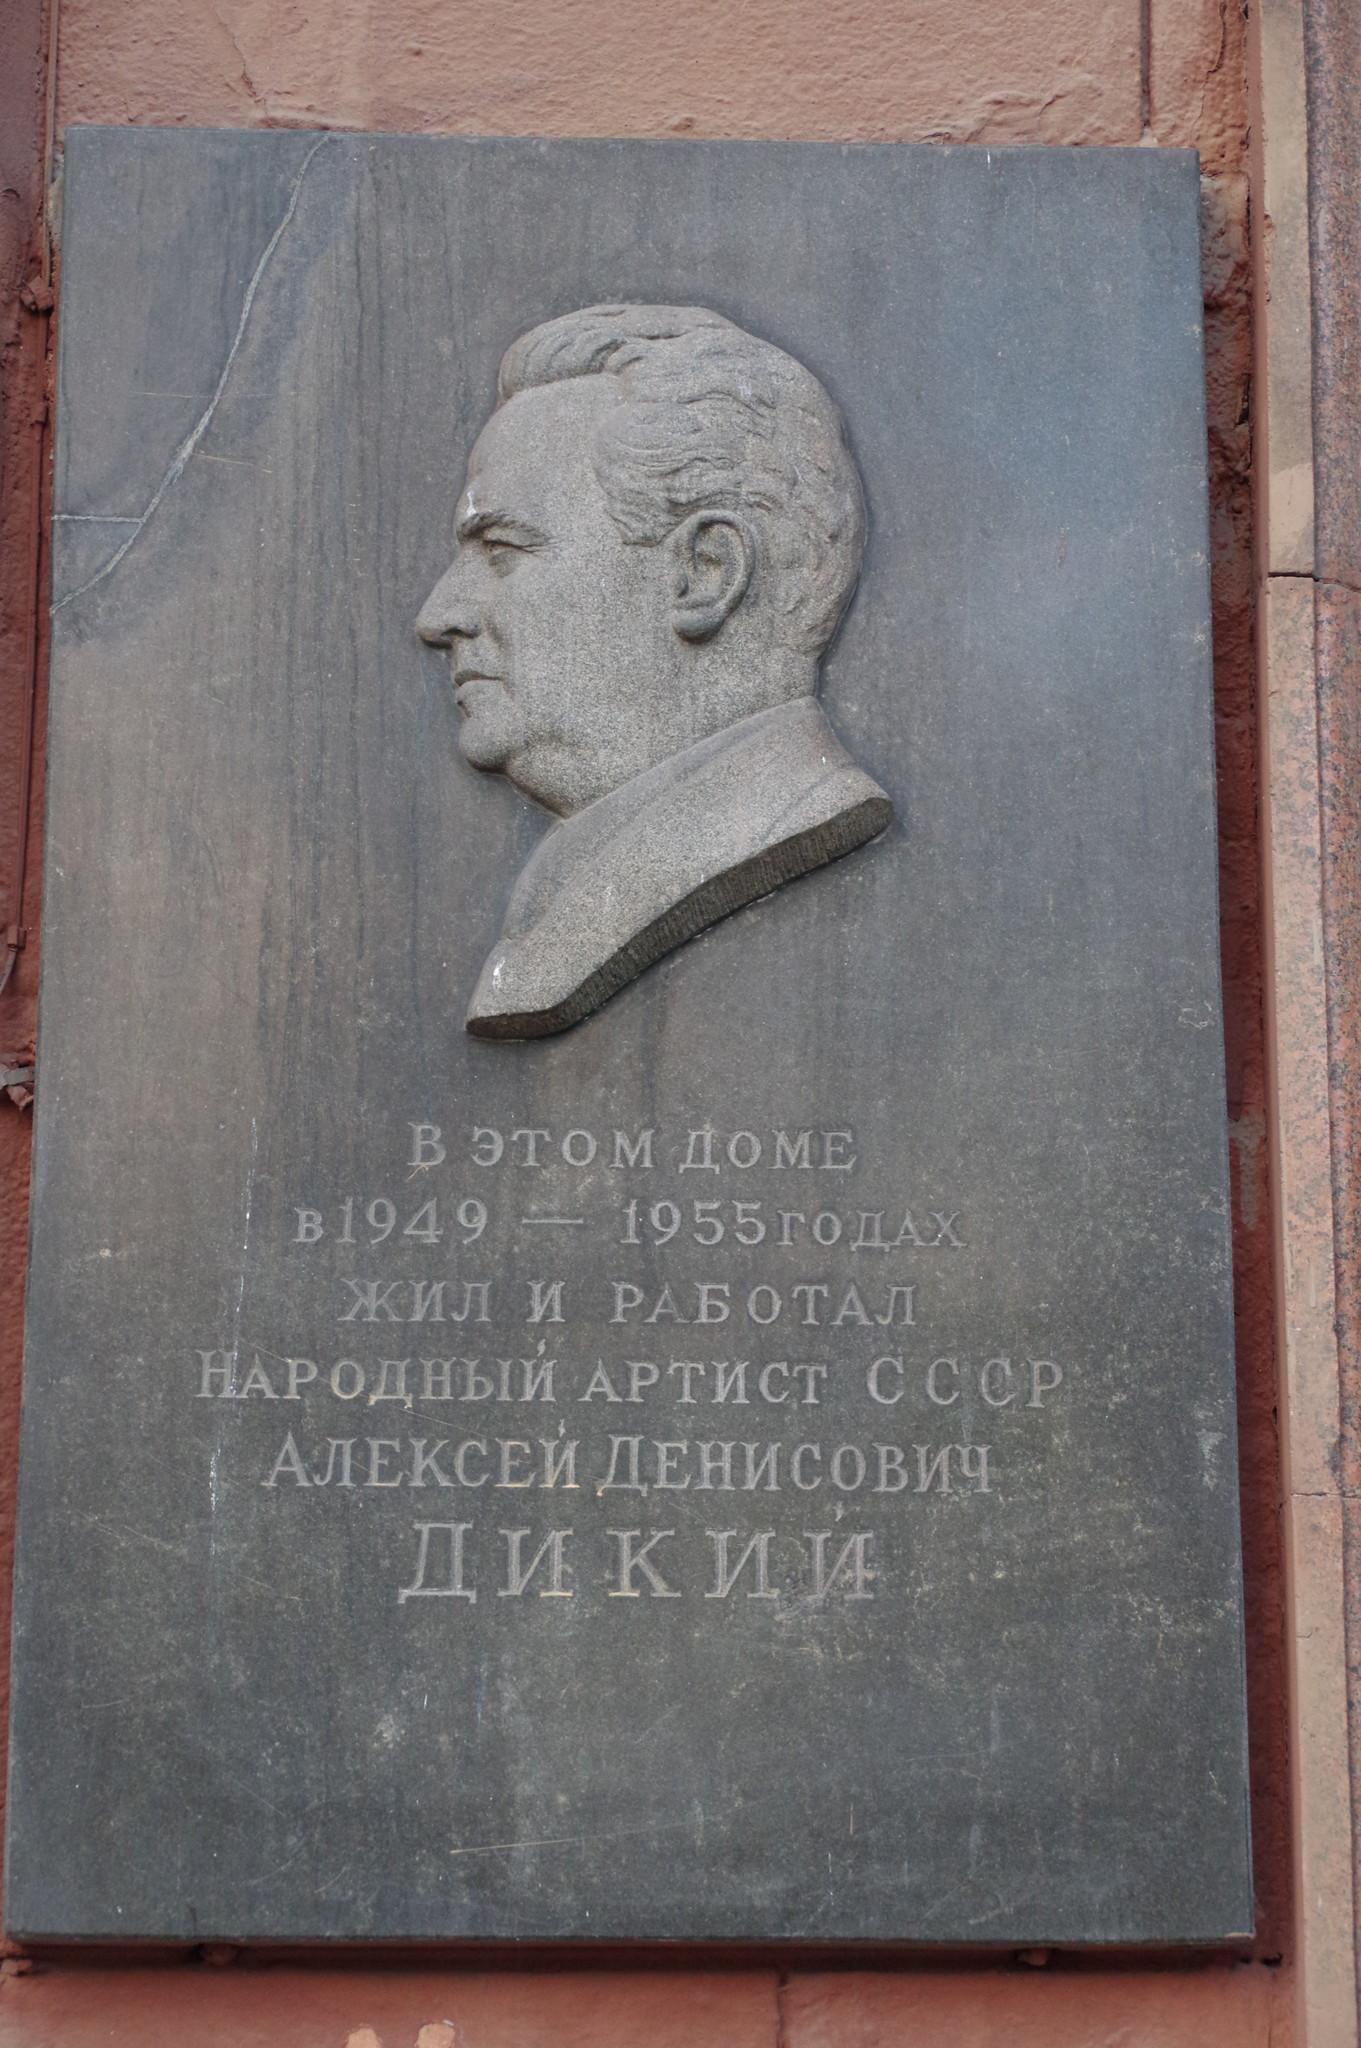 Мемориальная доска на фасаде дома (Тверская улица, дом 19), где с 1949 года по 1955 год жил и работал Народный артист СССР Алексей Денисович Дикий